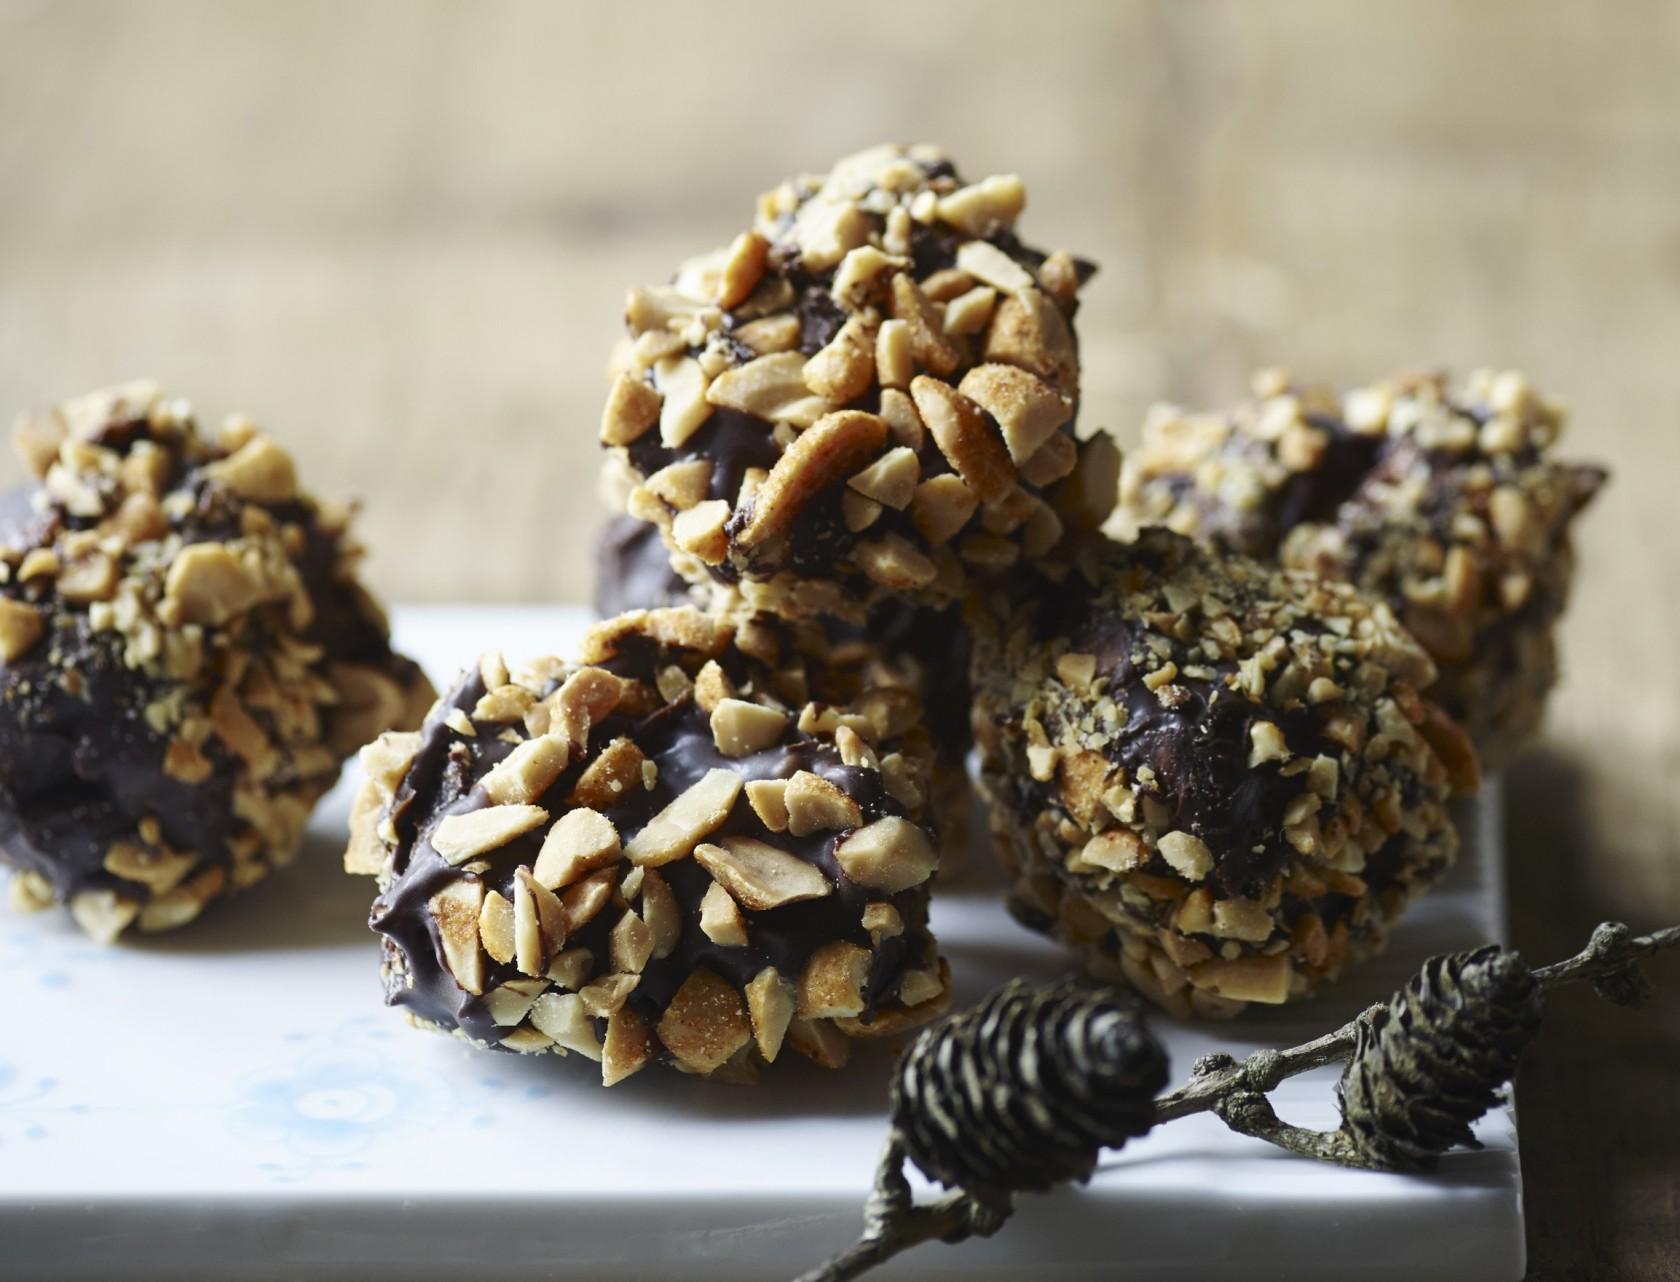 Julekugler med nougat og peanuts - god opskrift på konfekt!